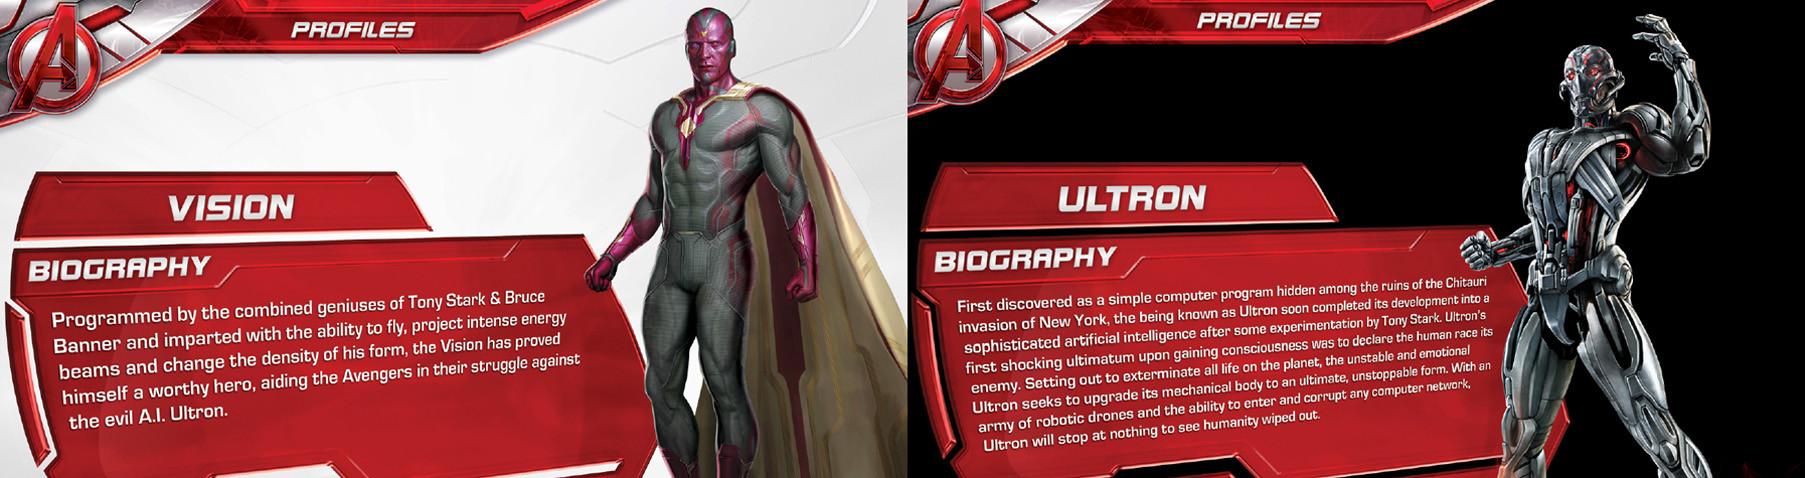 Image via: Comicbook.com